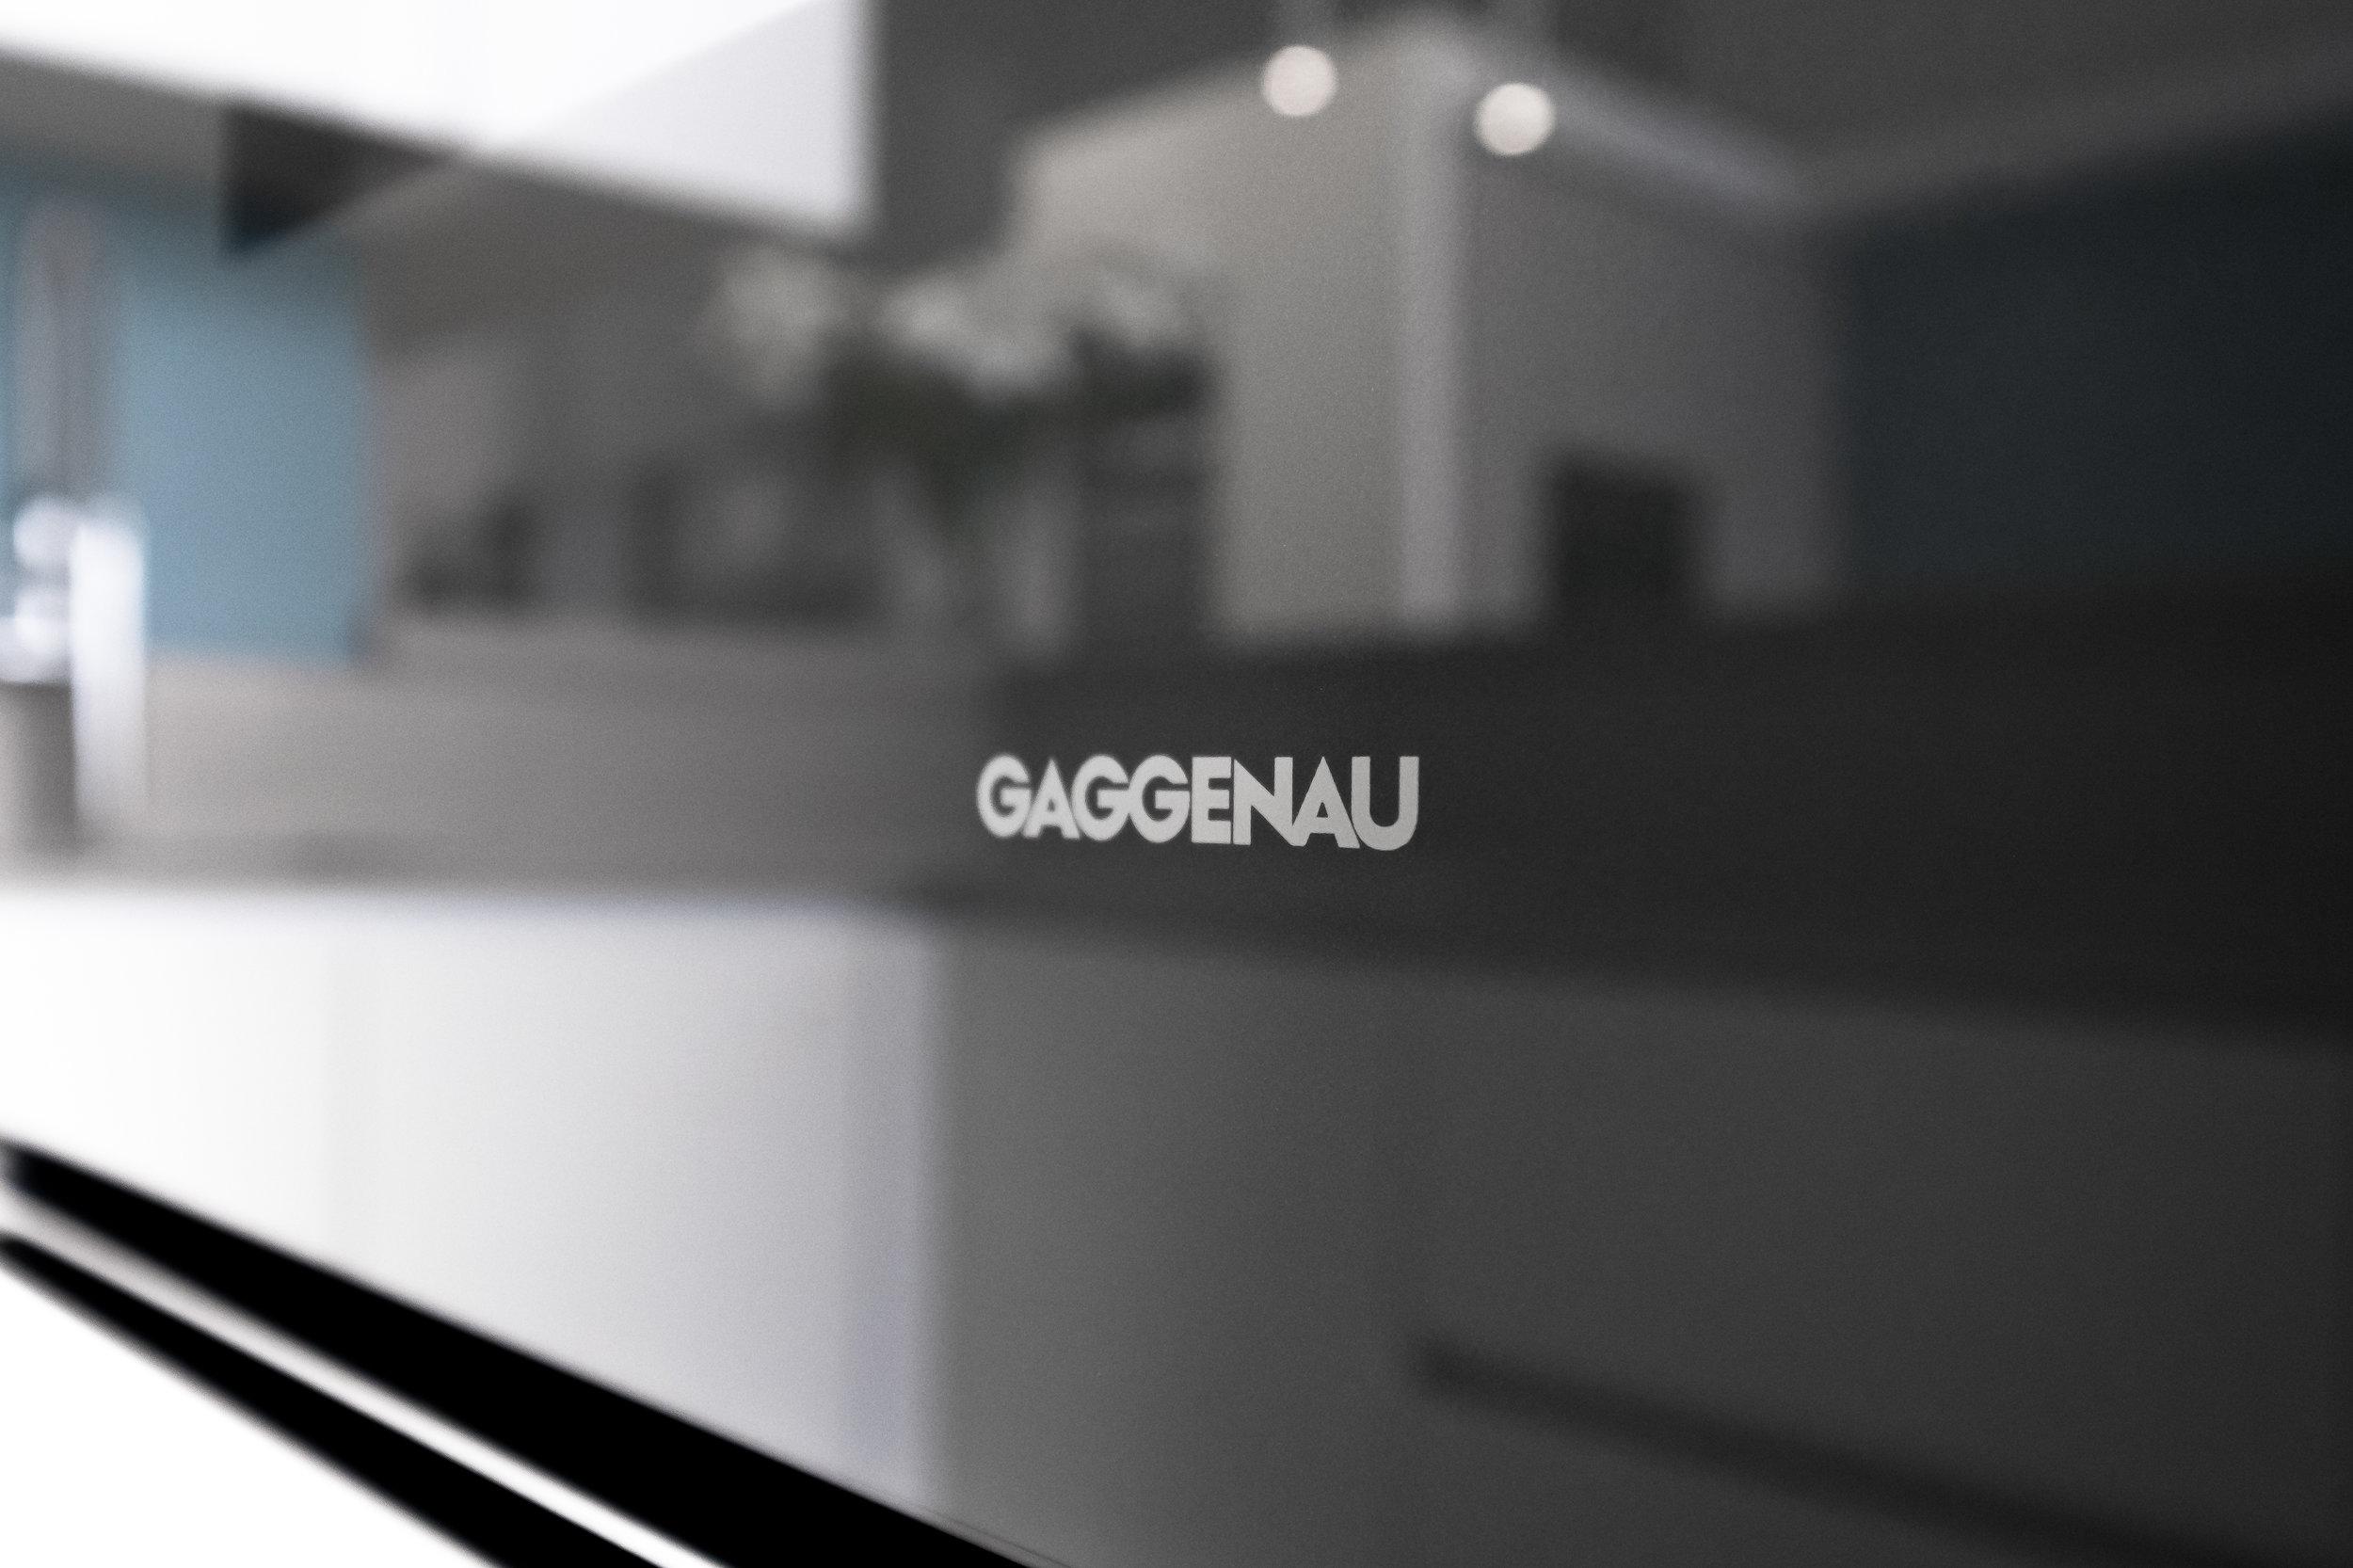 Gaggeneau.jpg